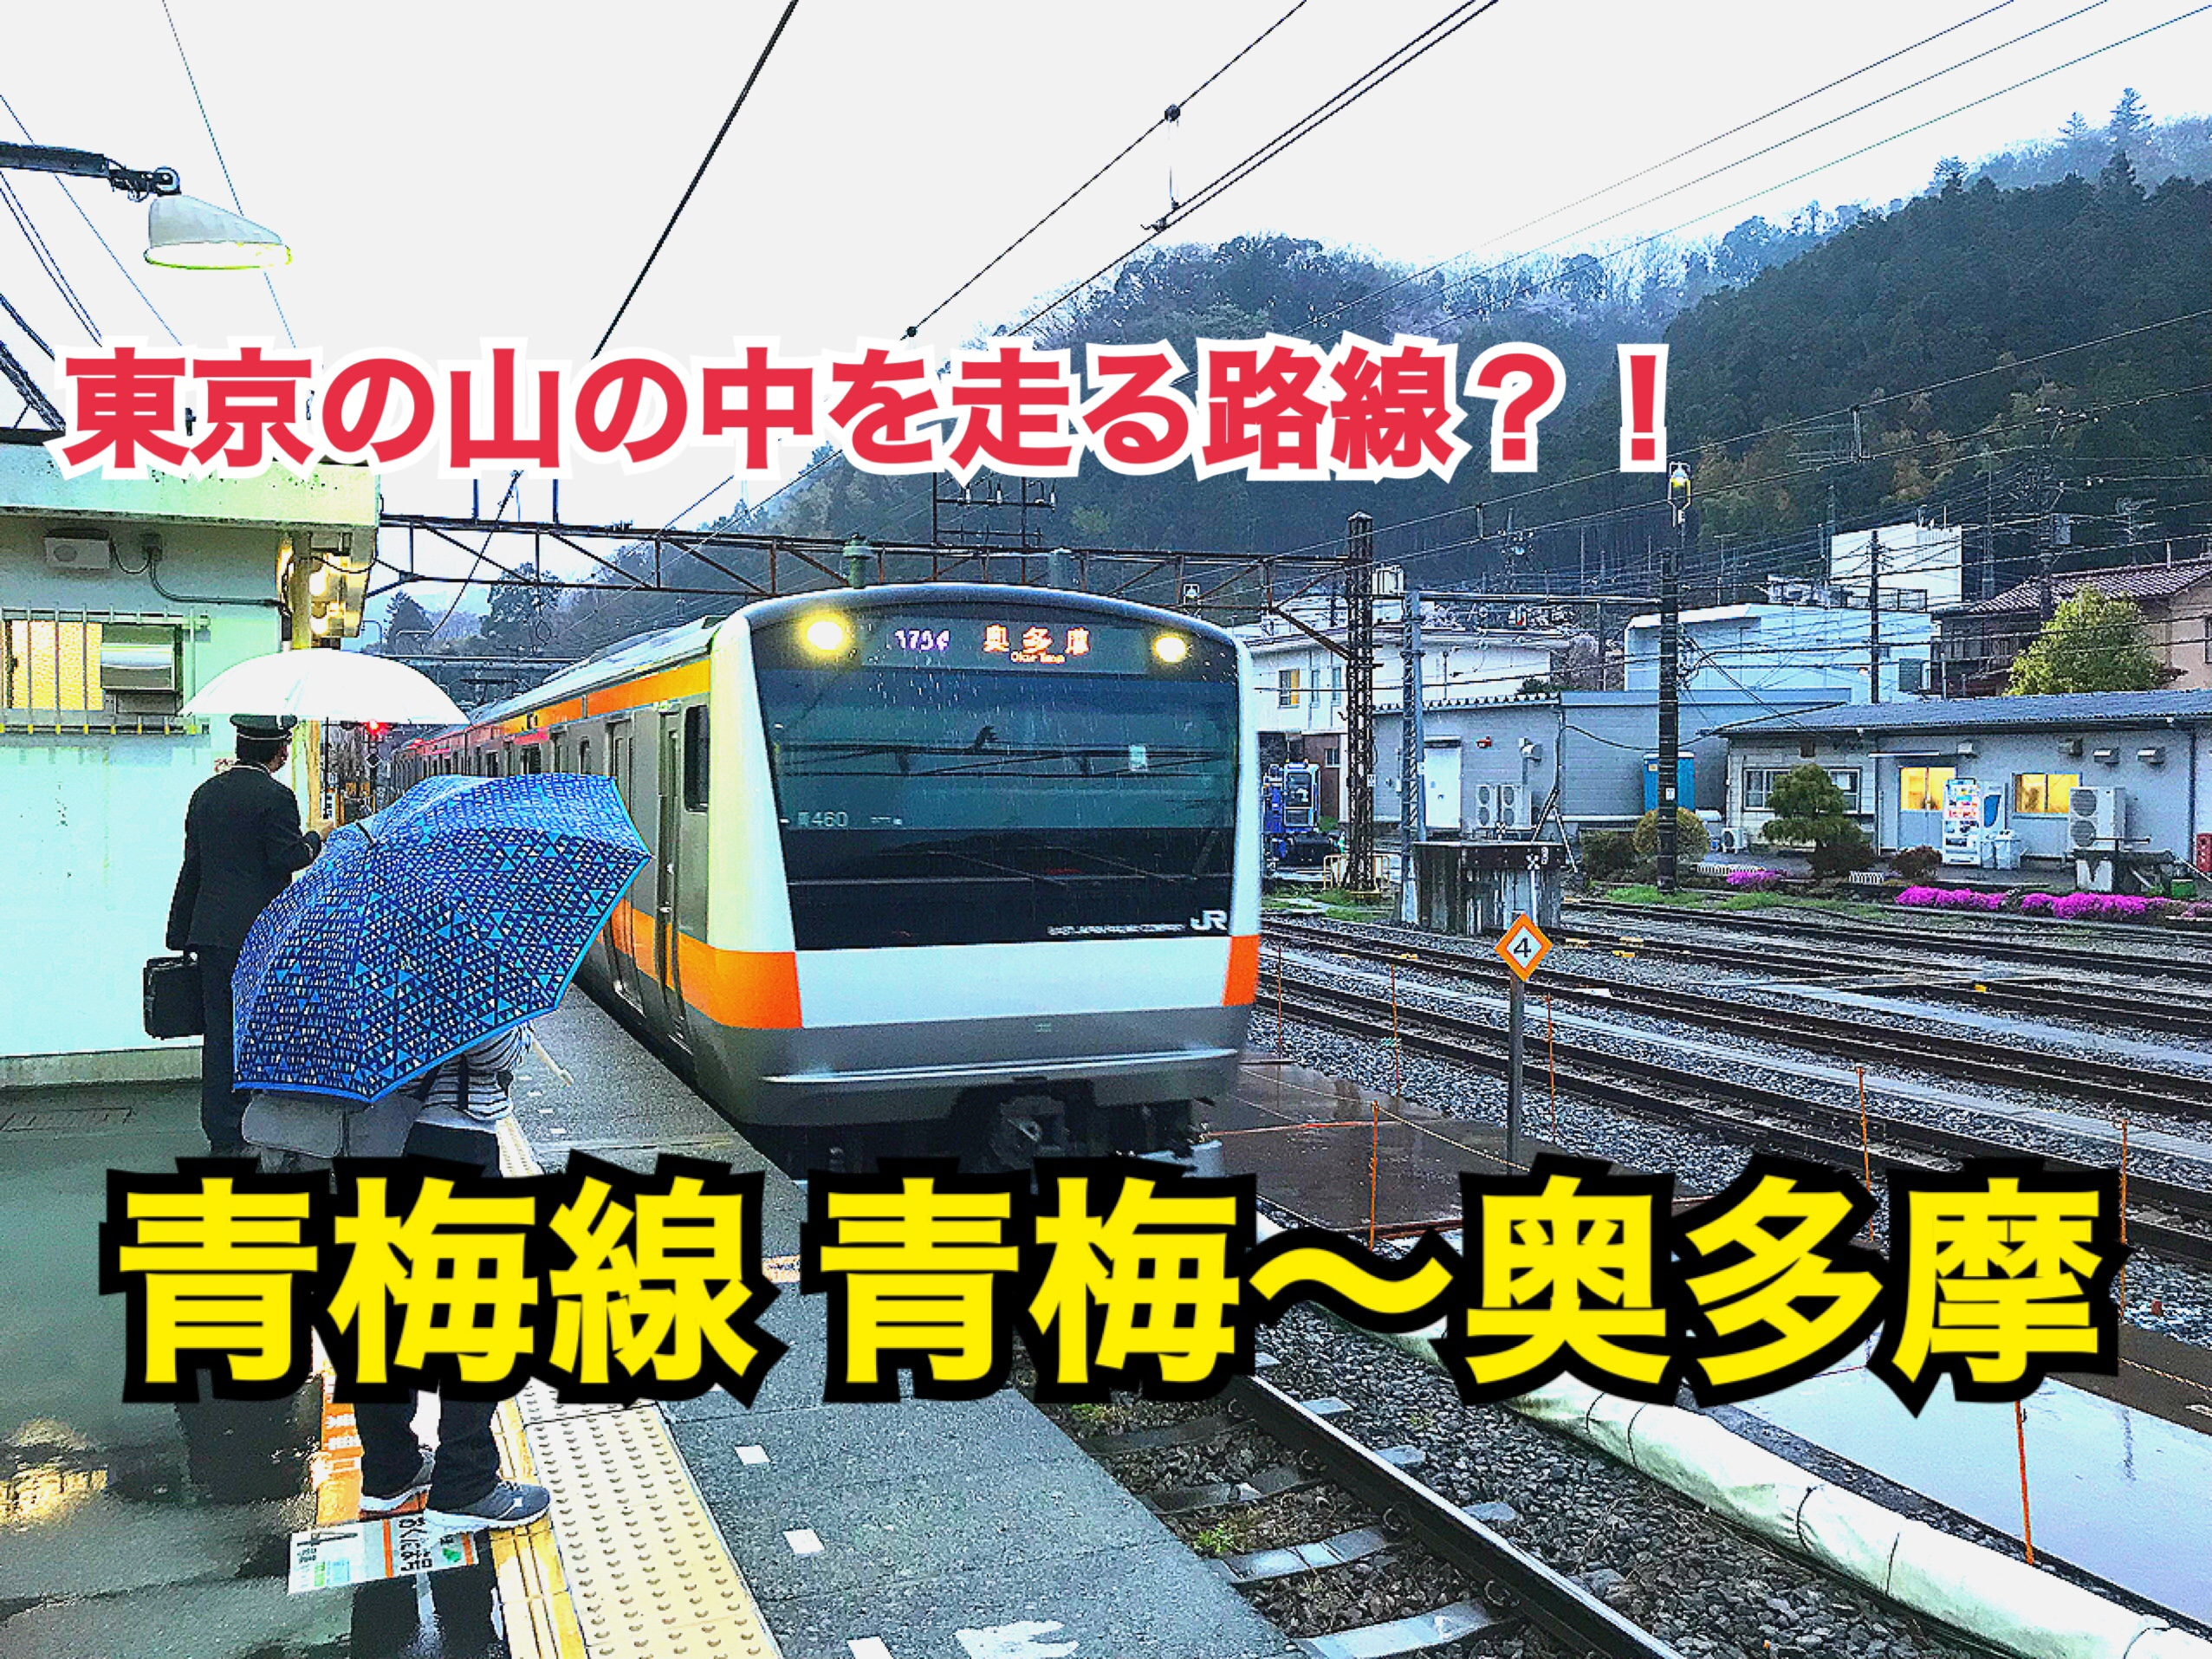 近くて楽しい奥多摩へ!青梅線青梅〜奥多摩駅間に乗車!【関東めぐり東京編】